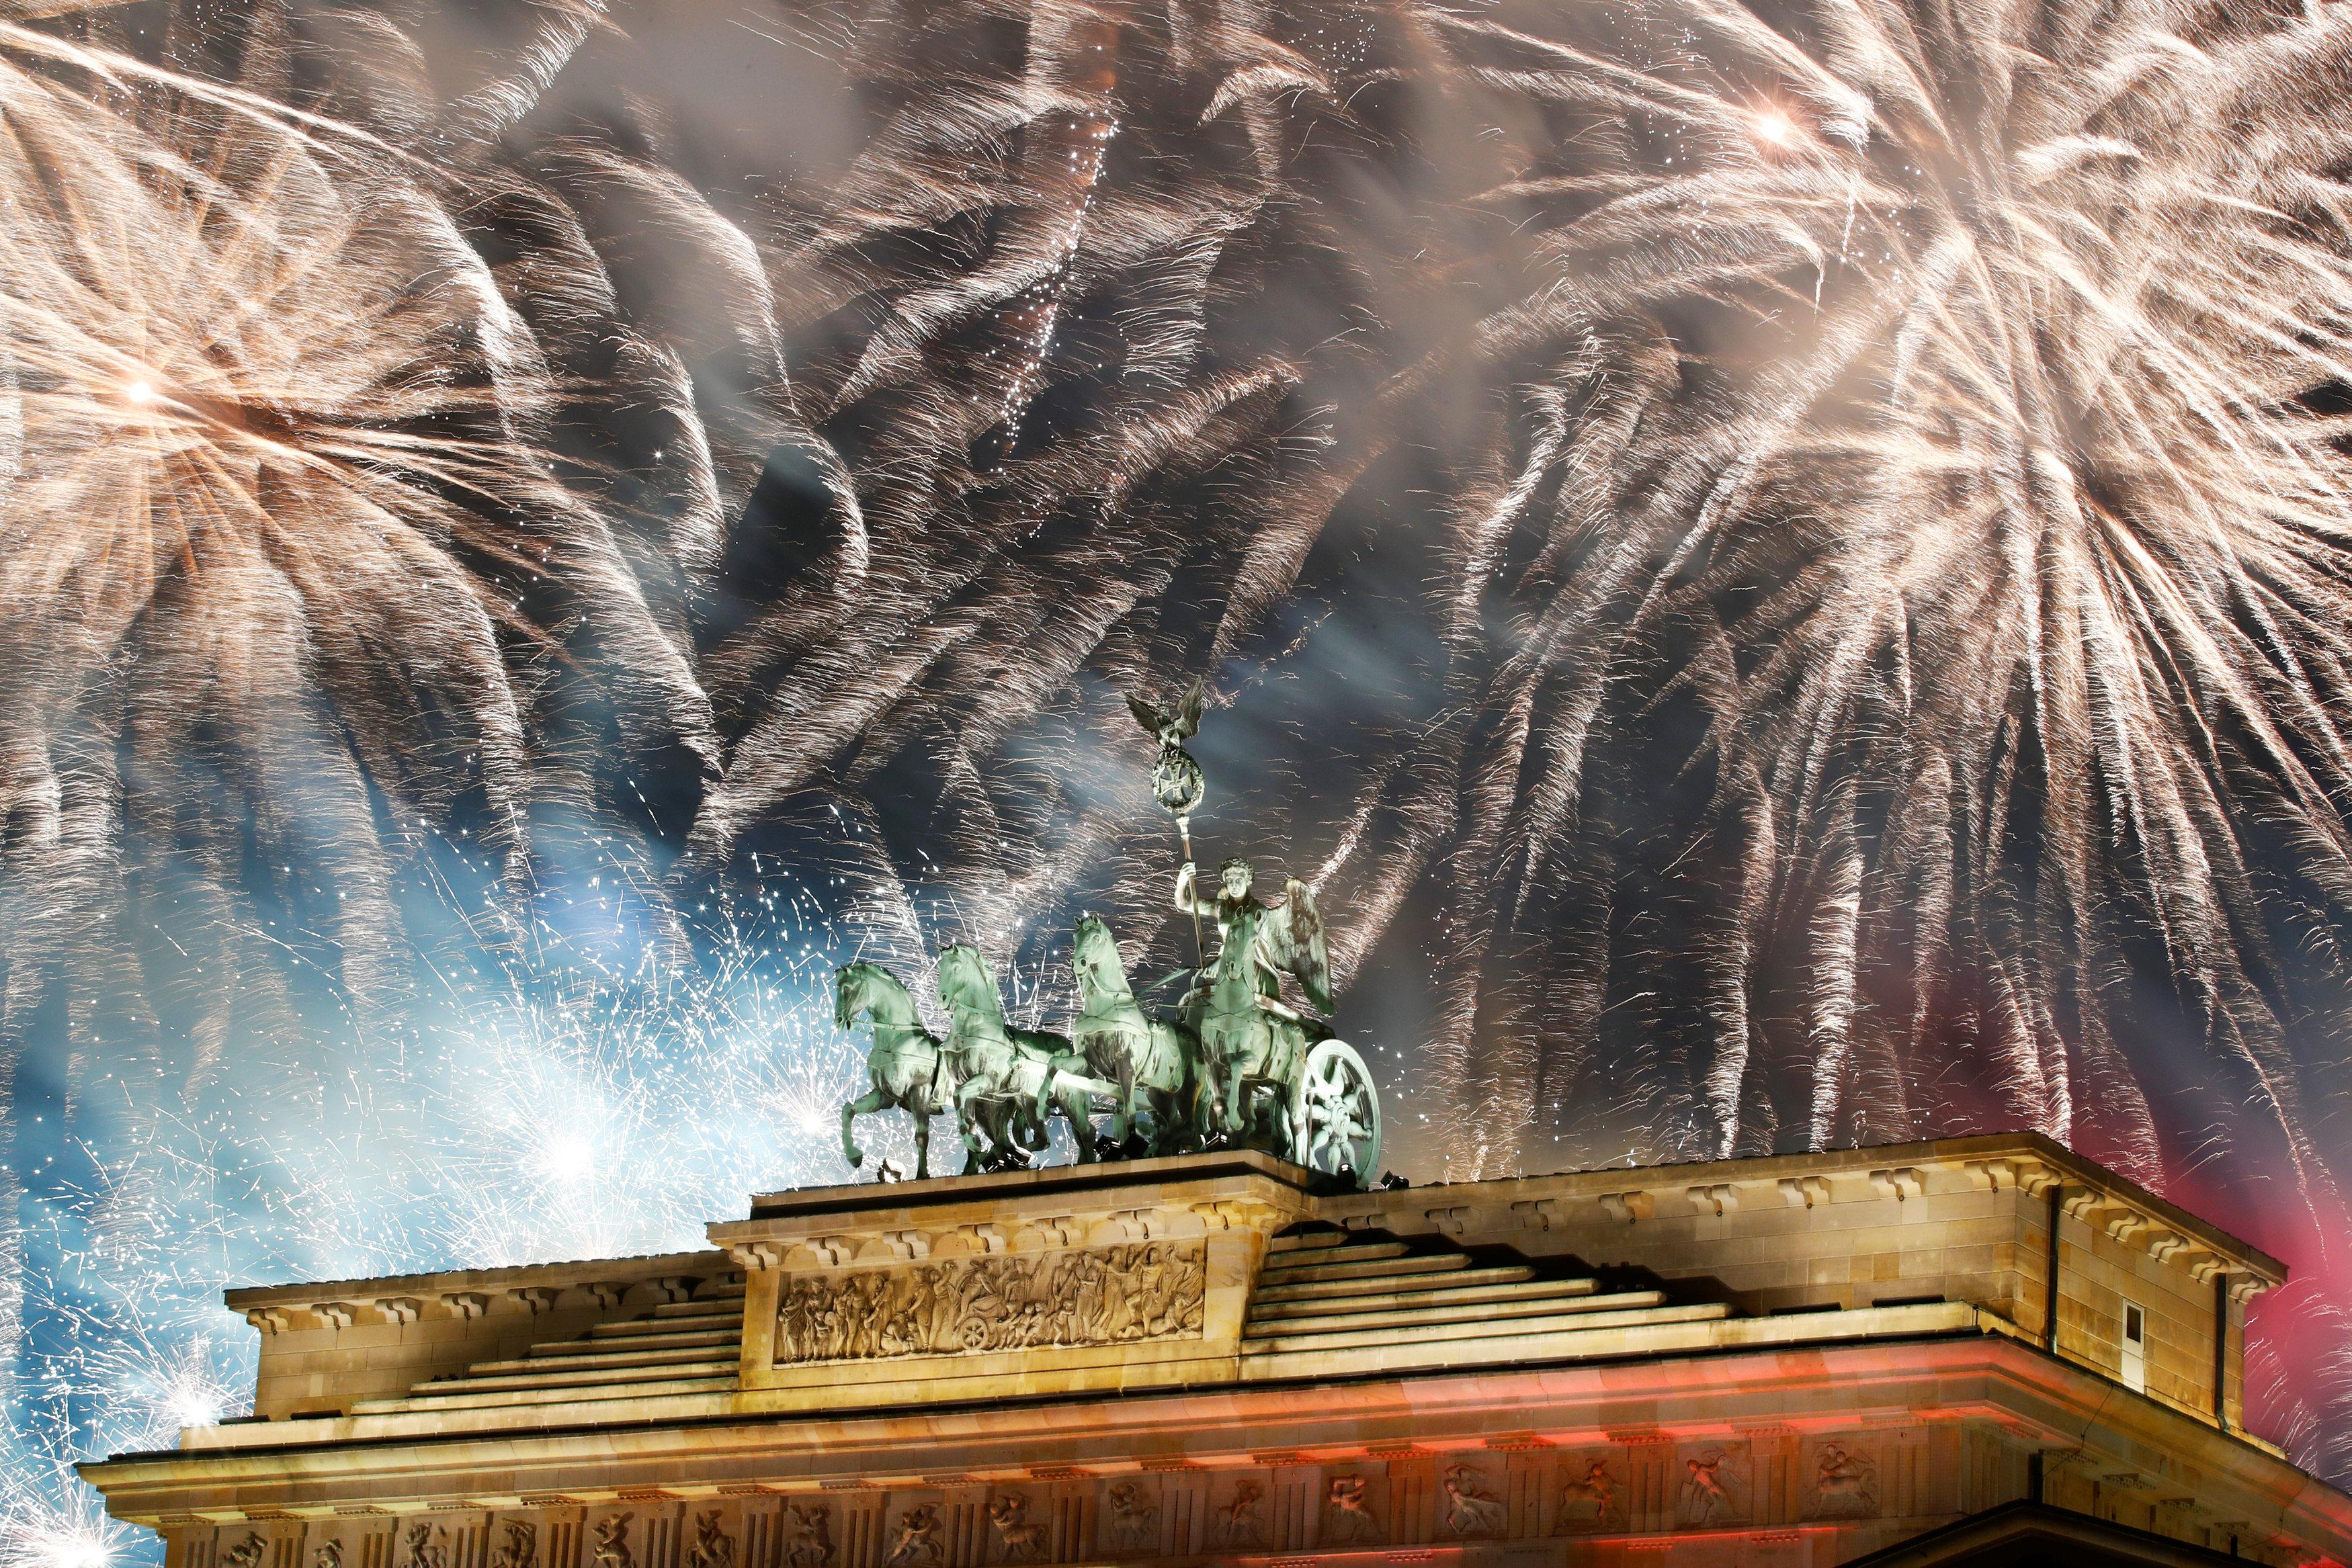 Fuegos Artificiales en la Puerta de Brandenburgo de Berlín, Alemania(REUTERS/Axel Schmidt)